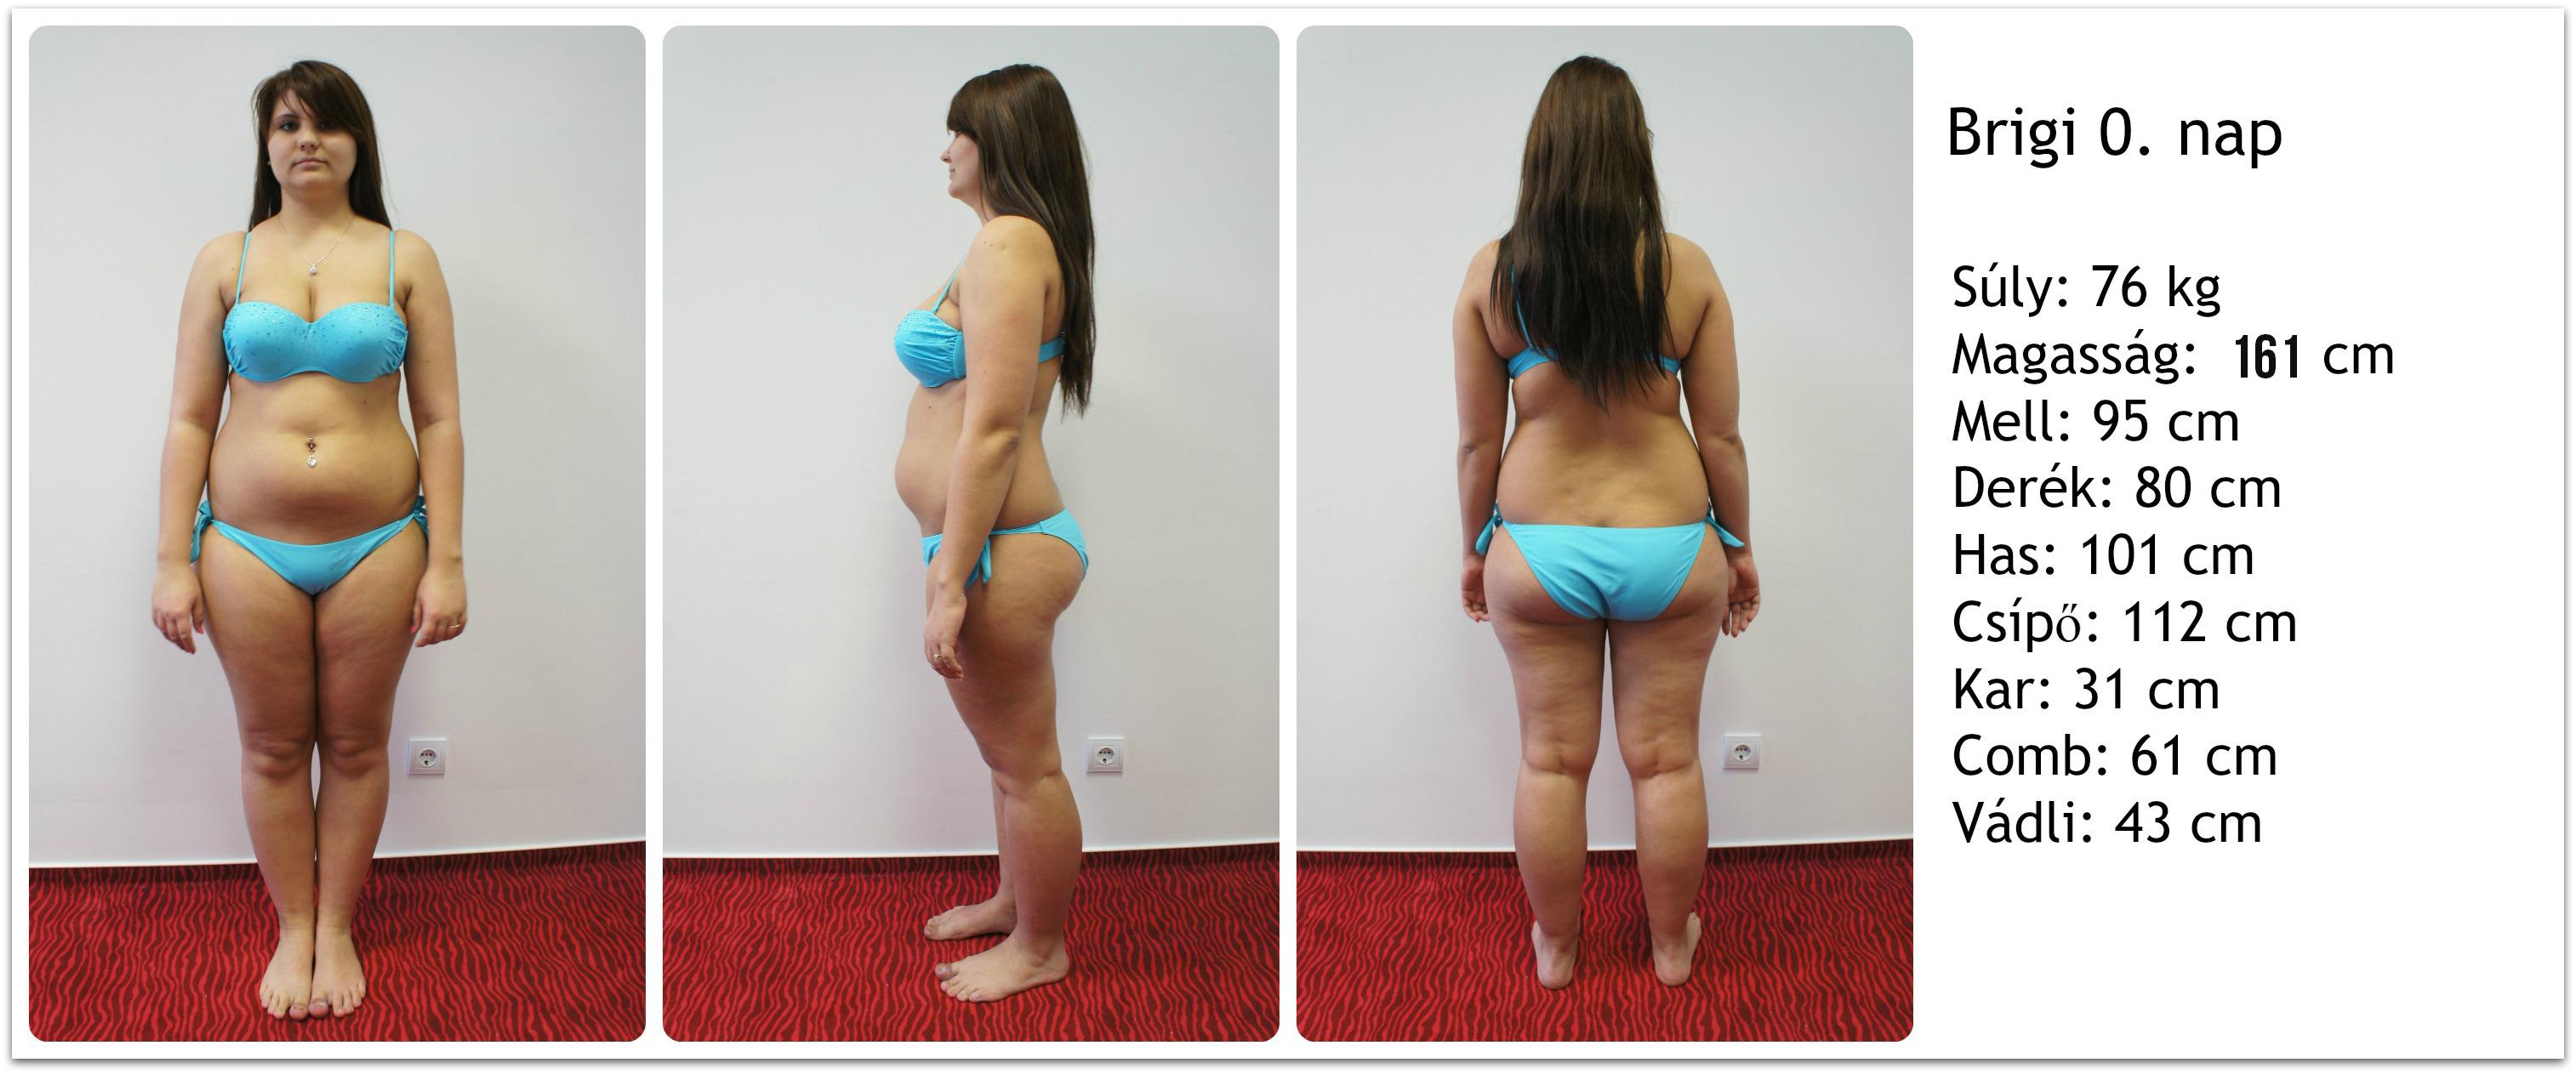 Fogyott már valaki 2 hét alatt 10 kg-ot?